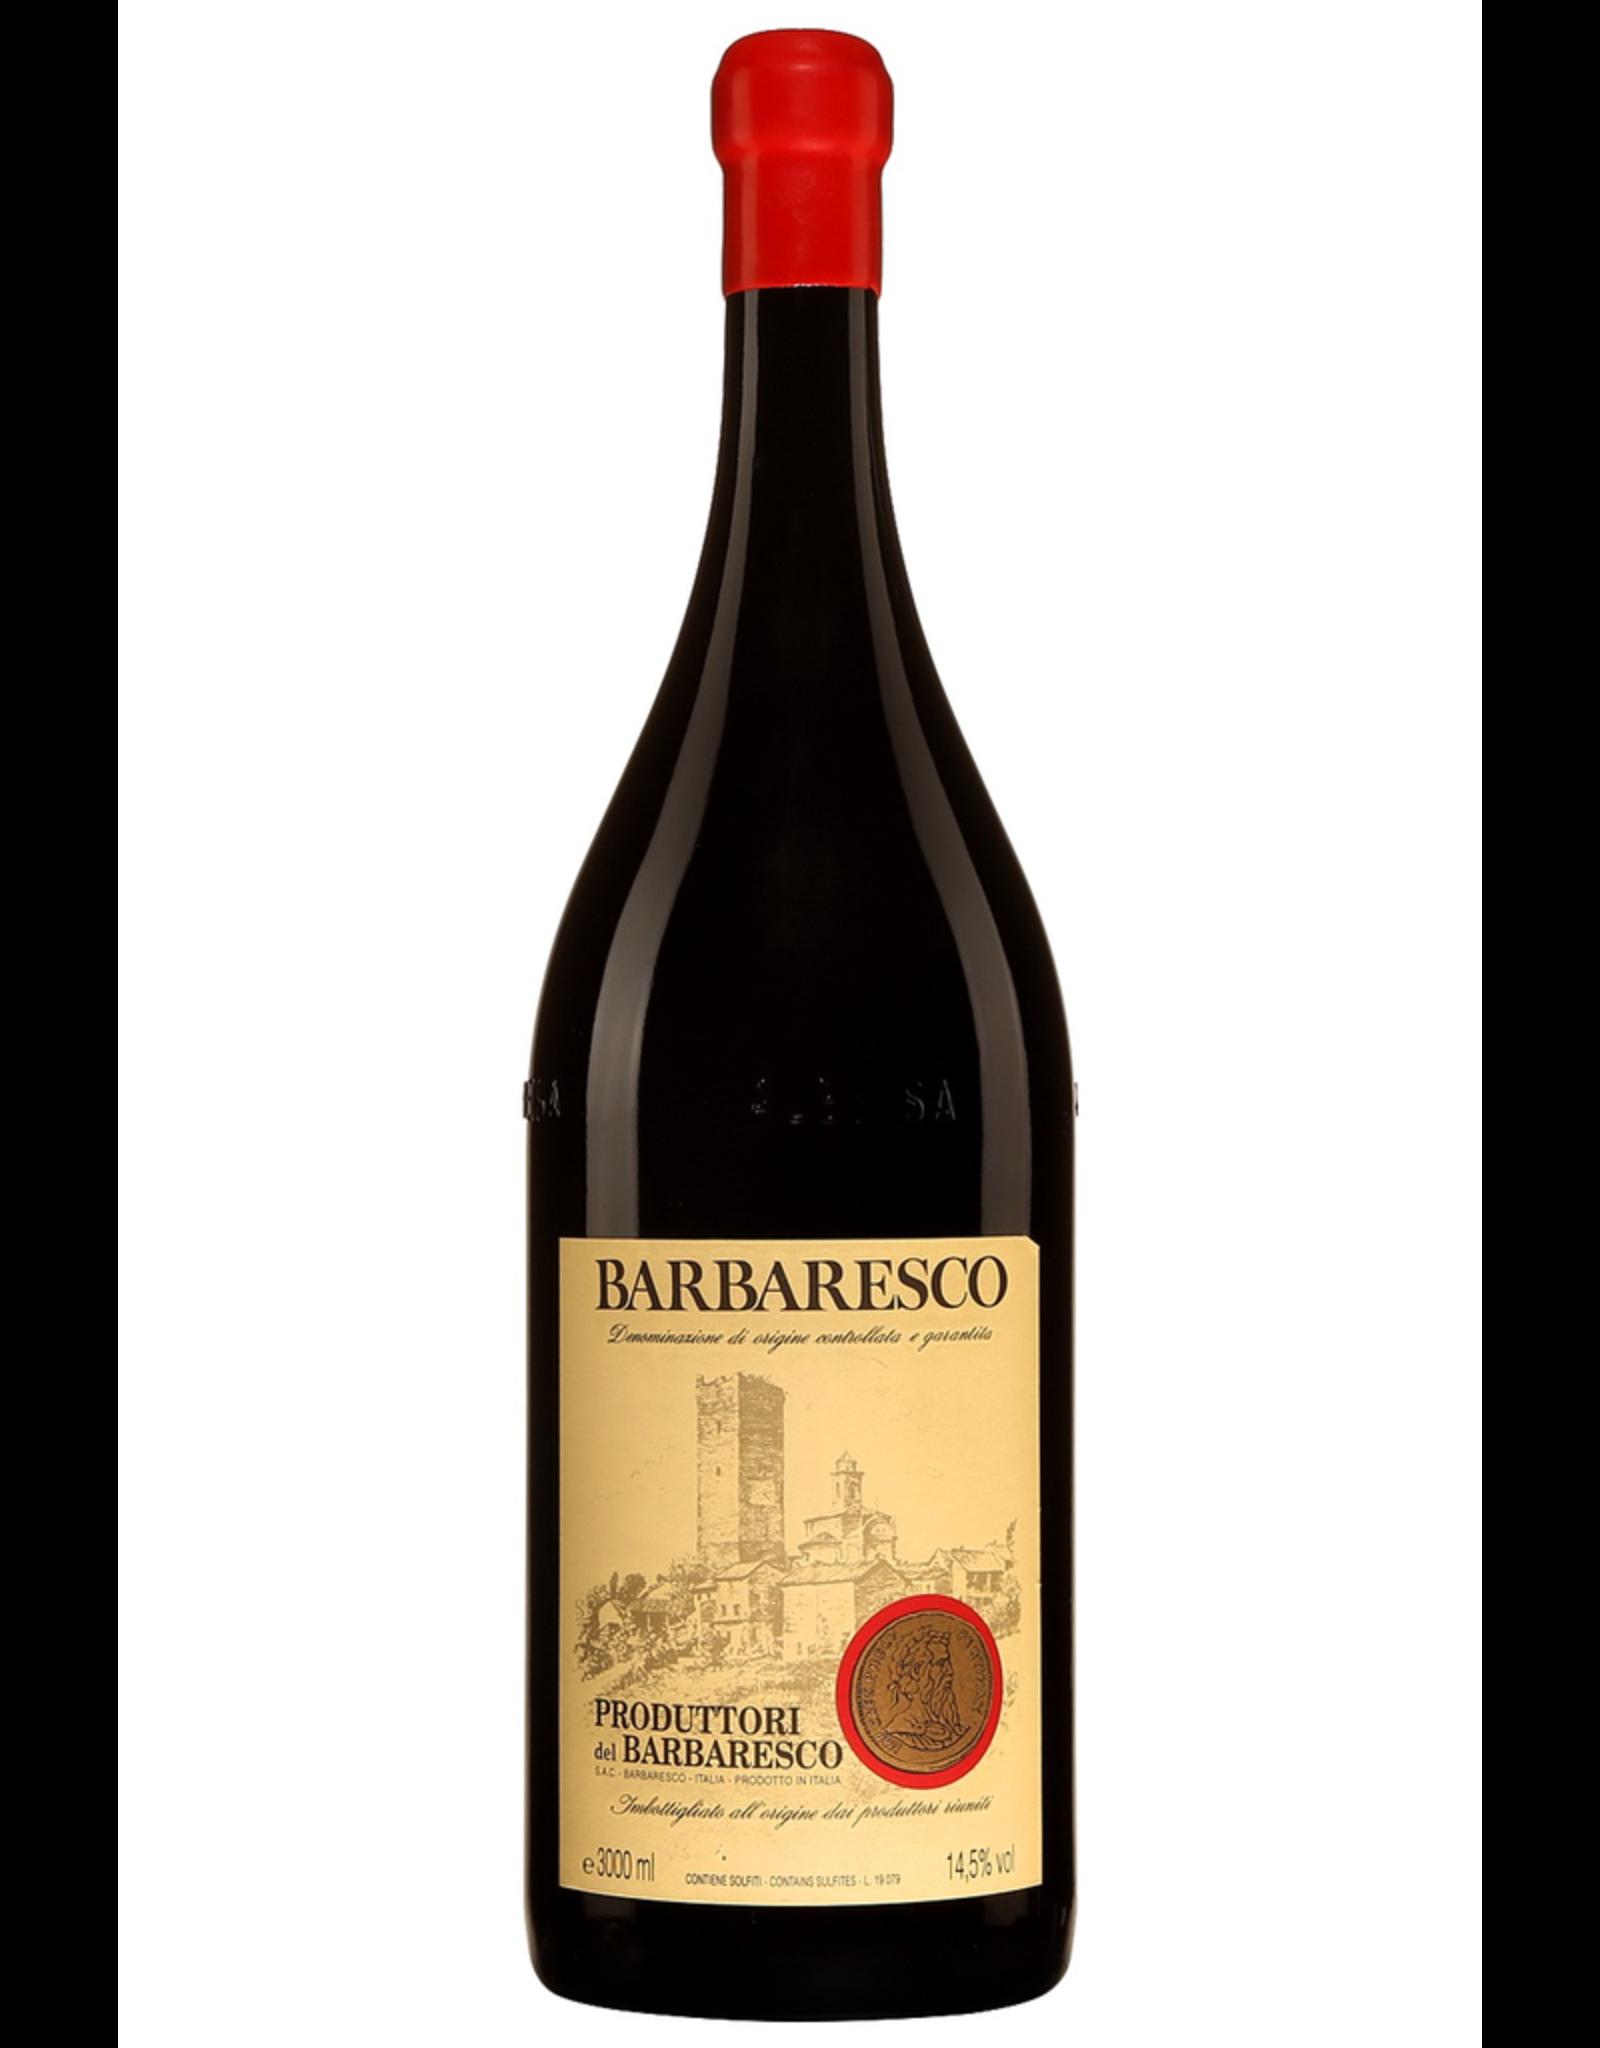 Red Wine 2016, 3L Produttori del Barbaresco 3 Liter, Nebbiolo, Barbaresco, Piemonte, Italy, 14.5% Alc, CTnr